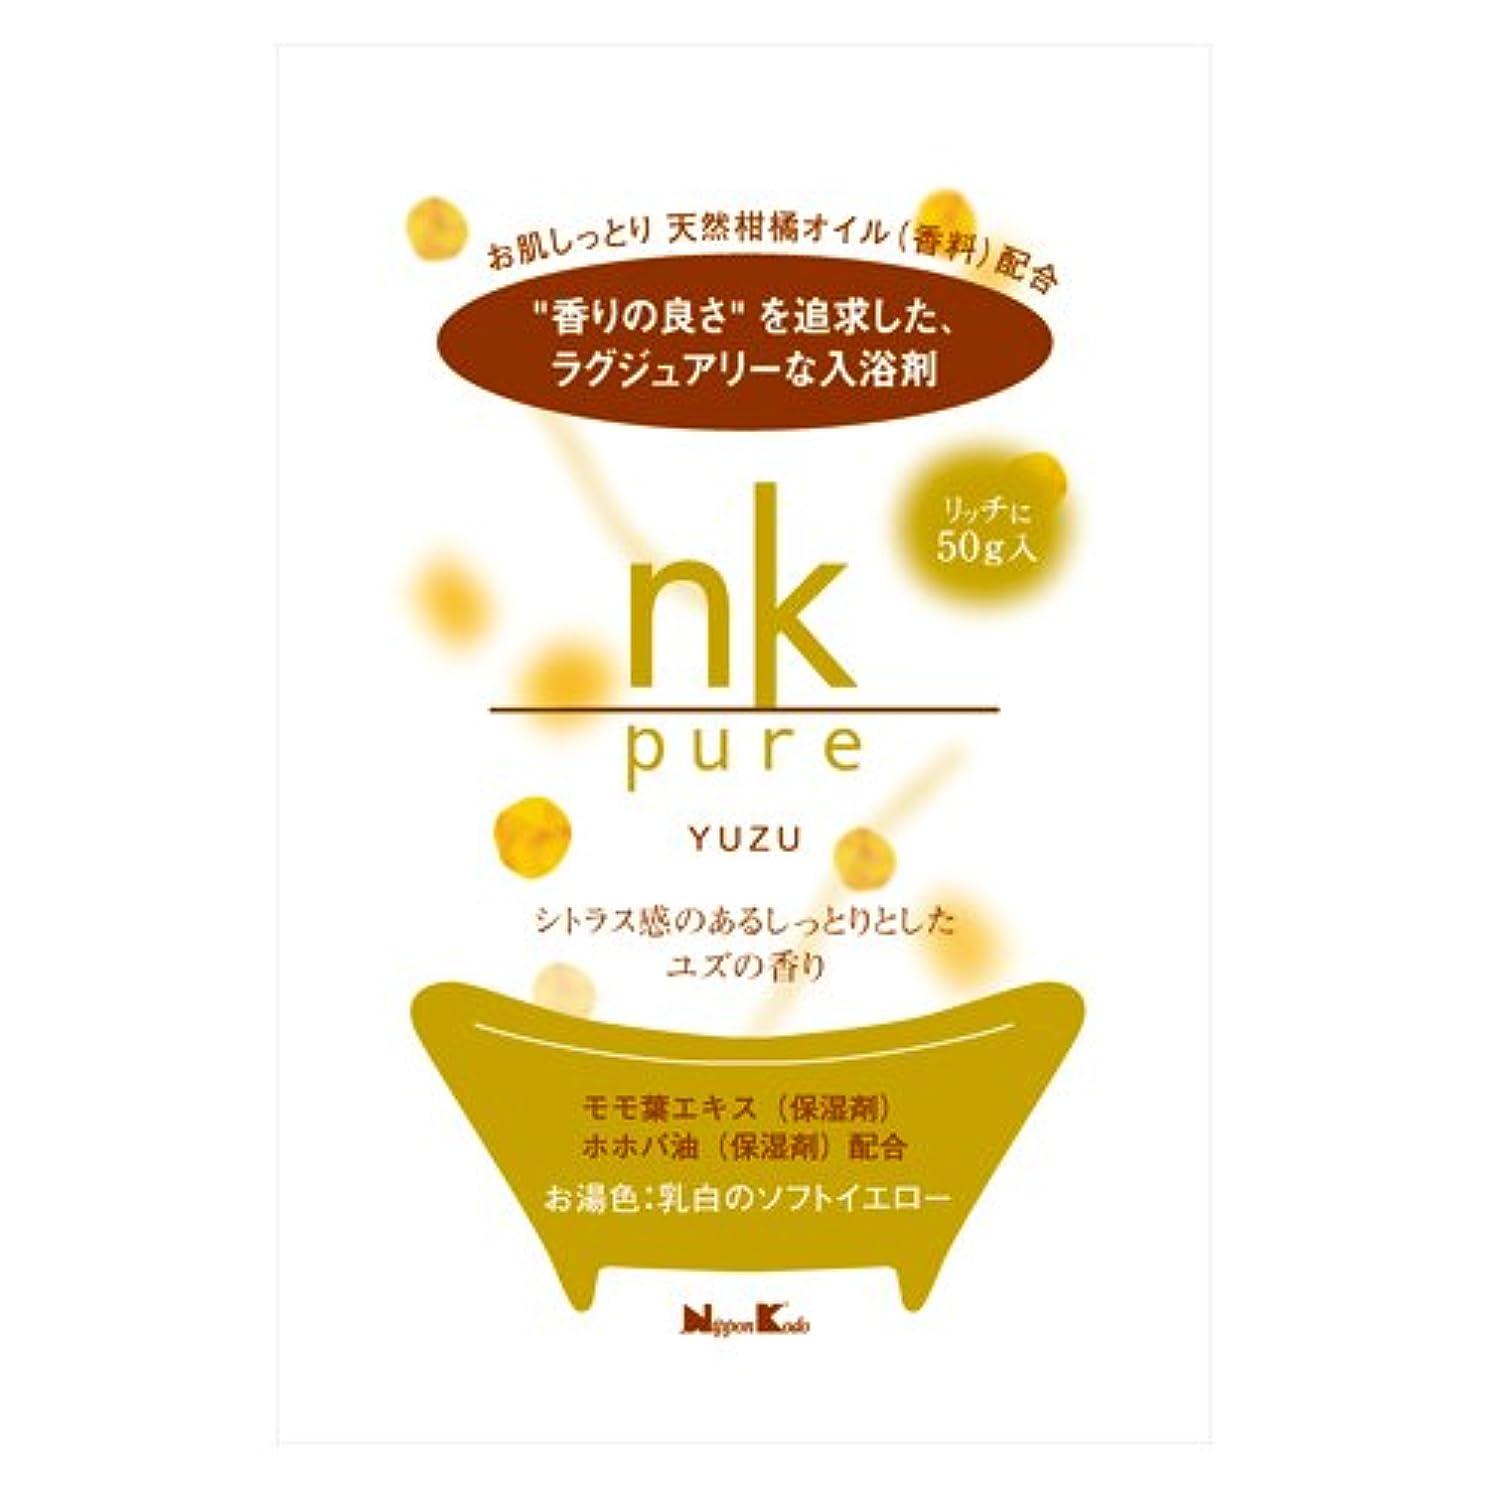 真珠のようなかけがえのない回転させる【X10個セット】 nk pure 入浴剤 ユズ 50g